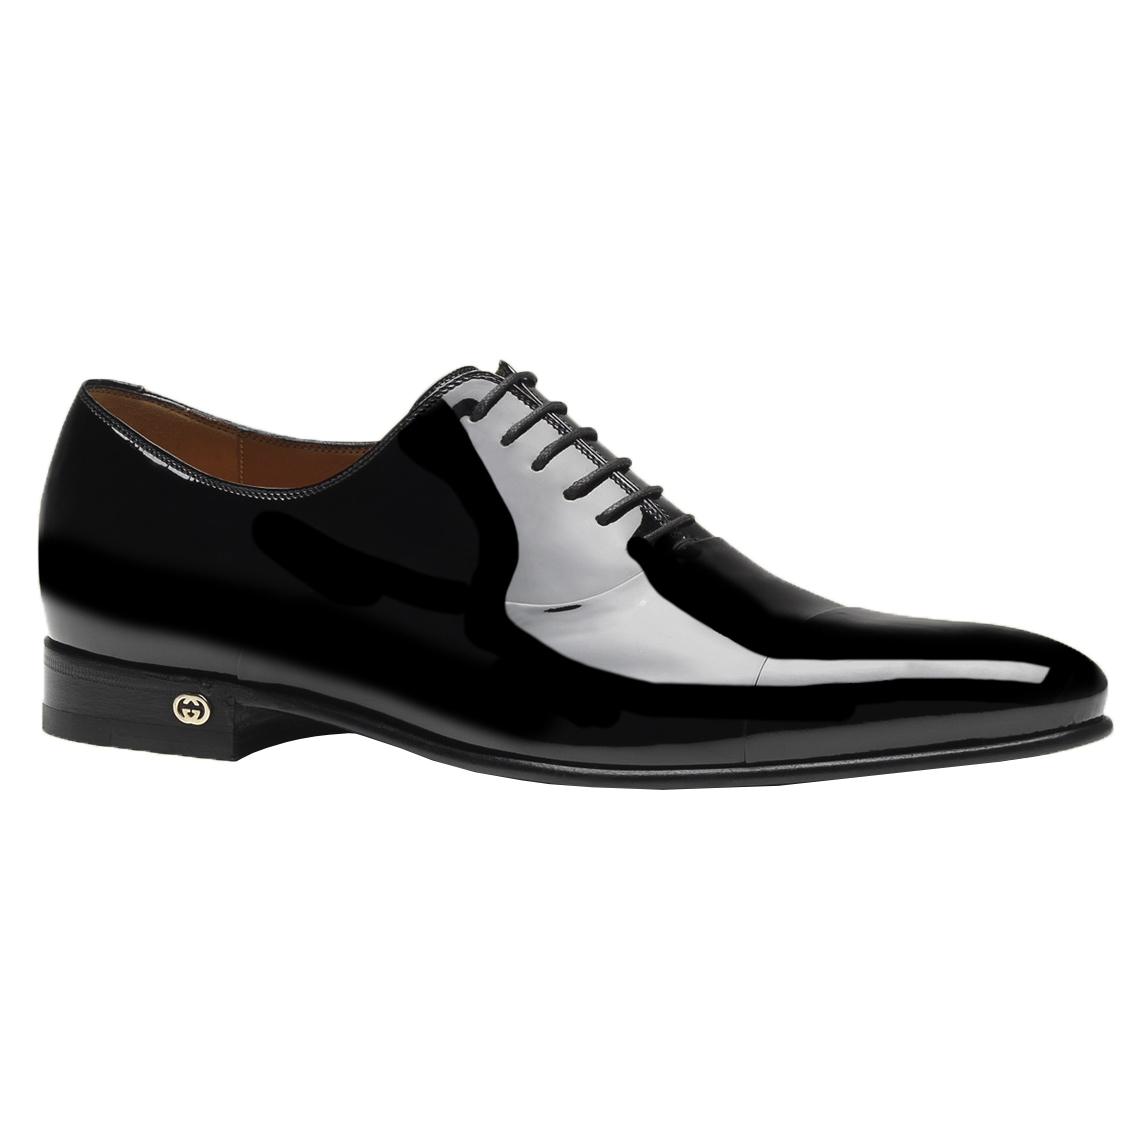 ea6c53eb15 Gucci Men's Black Patent Leather Lace Up Tuxedo Shoes